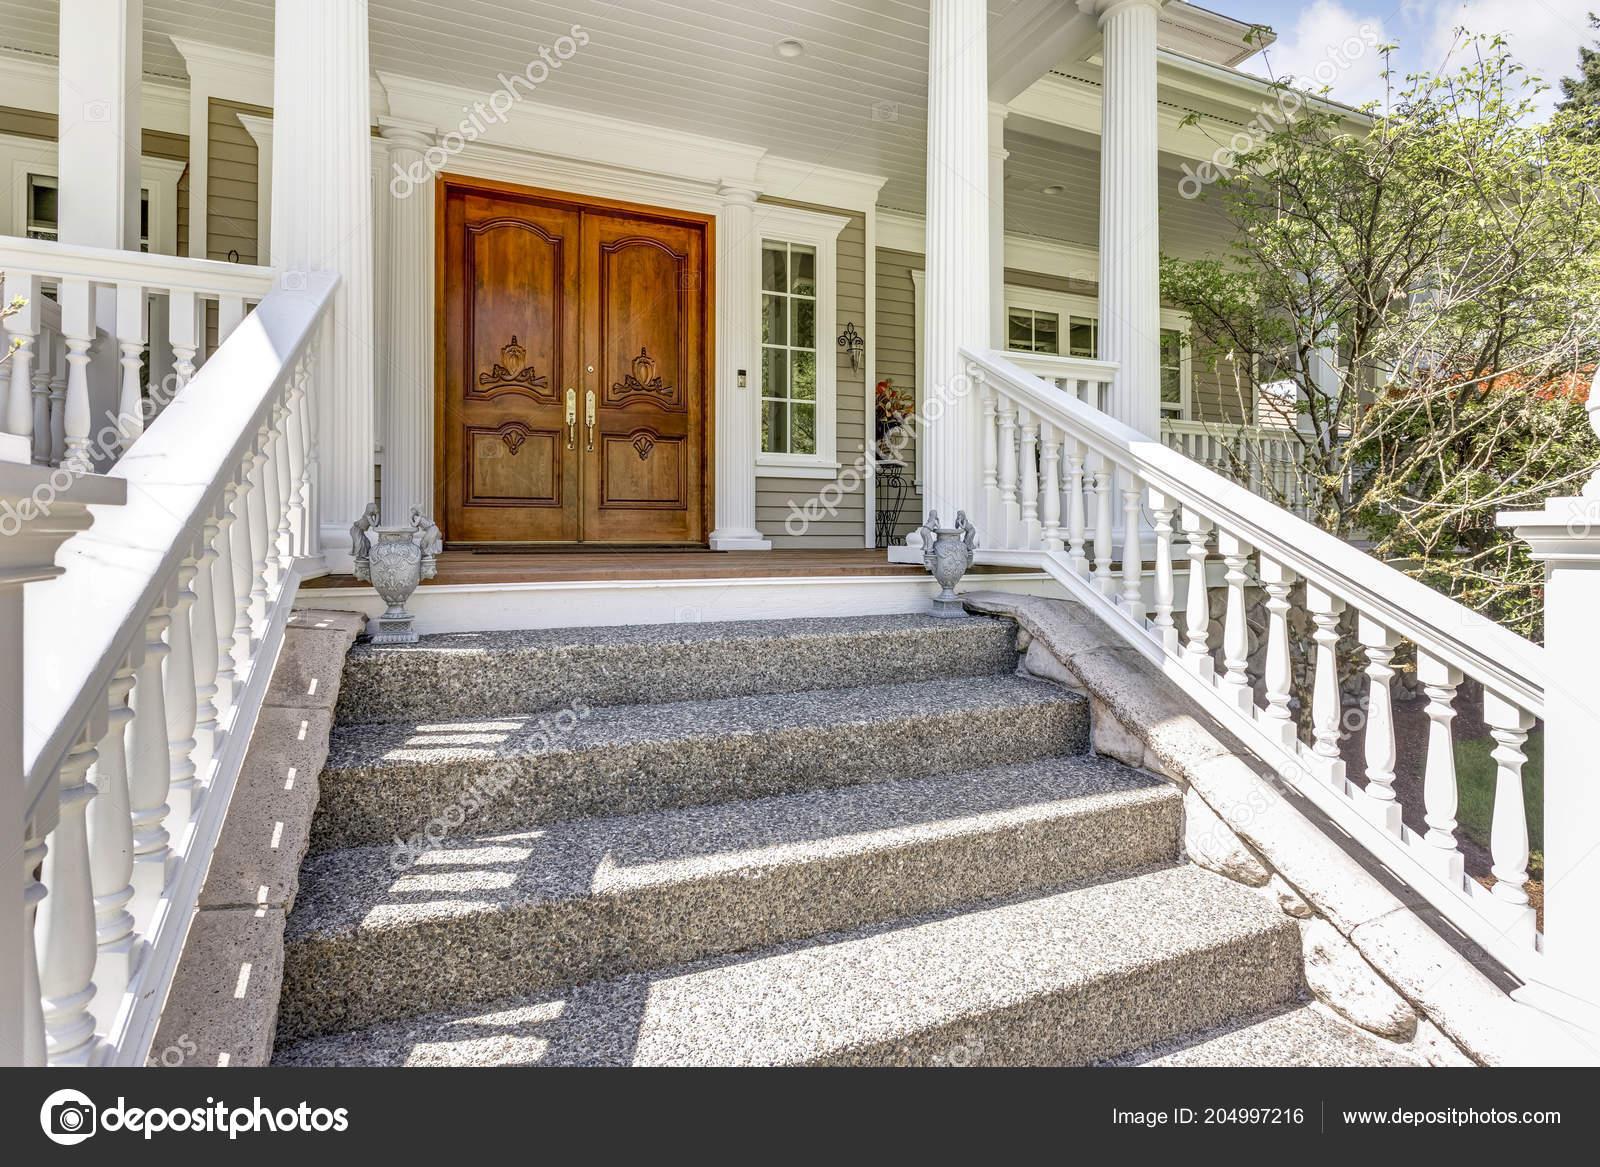 Eintritt Ein Luxus Landhaus Mit Holzernen Eingangstur